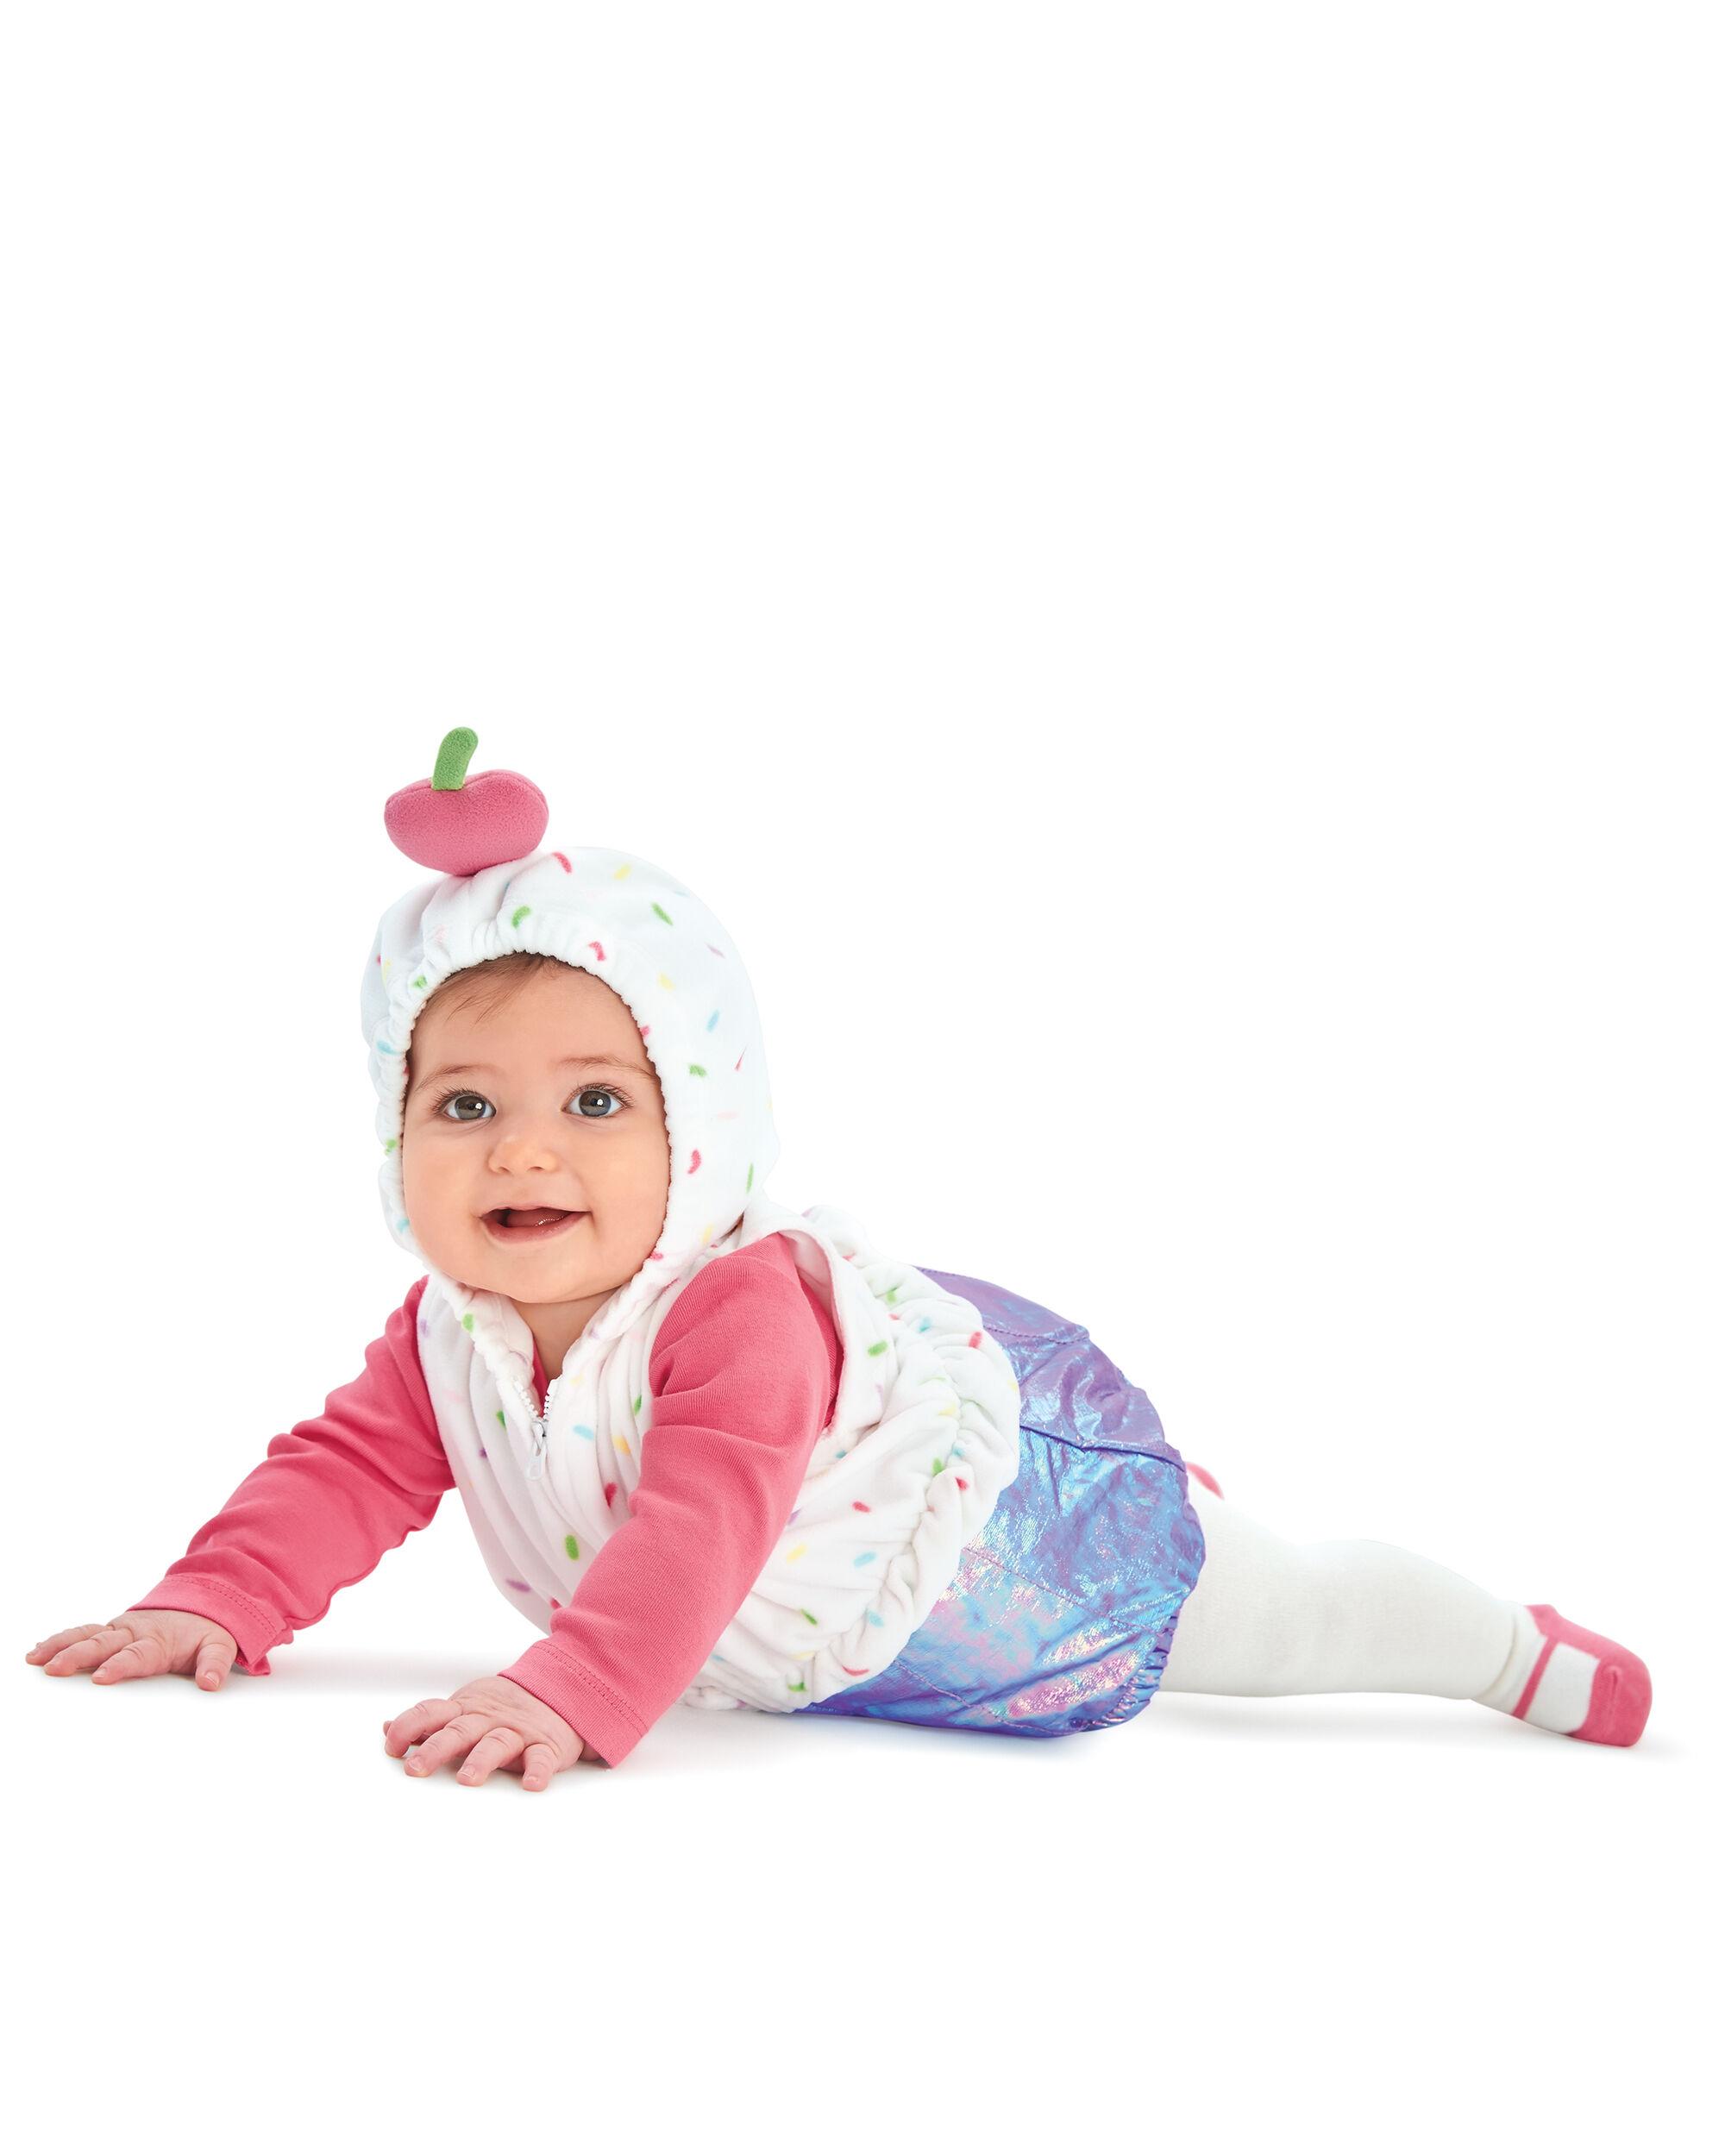 Little Cupcake Halloween Costume; Little Cupcake Halloween Costume ...  sc 1 st  Carteru0027s & Little Cupcake Halloween Costume | Carters.com